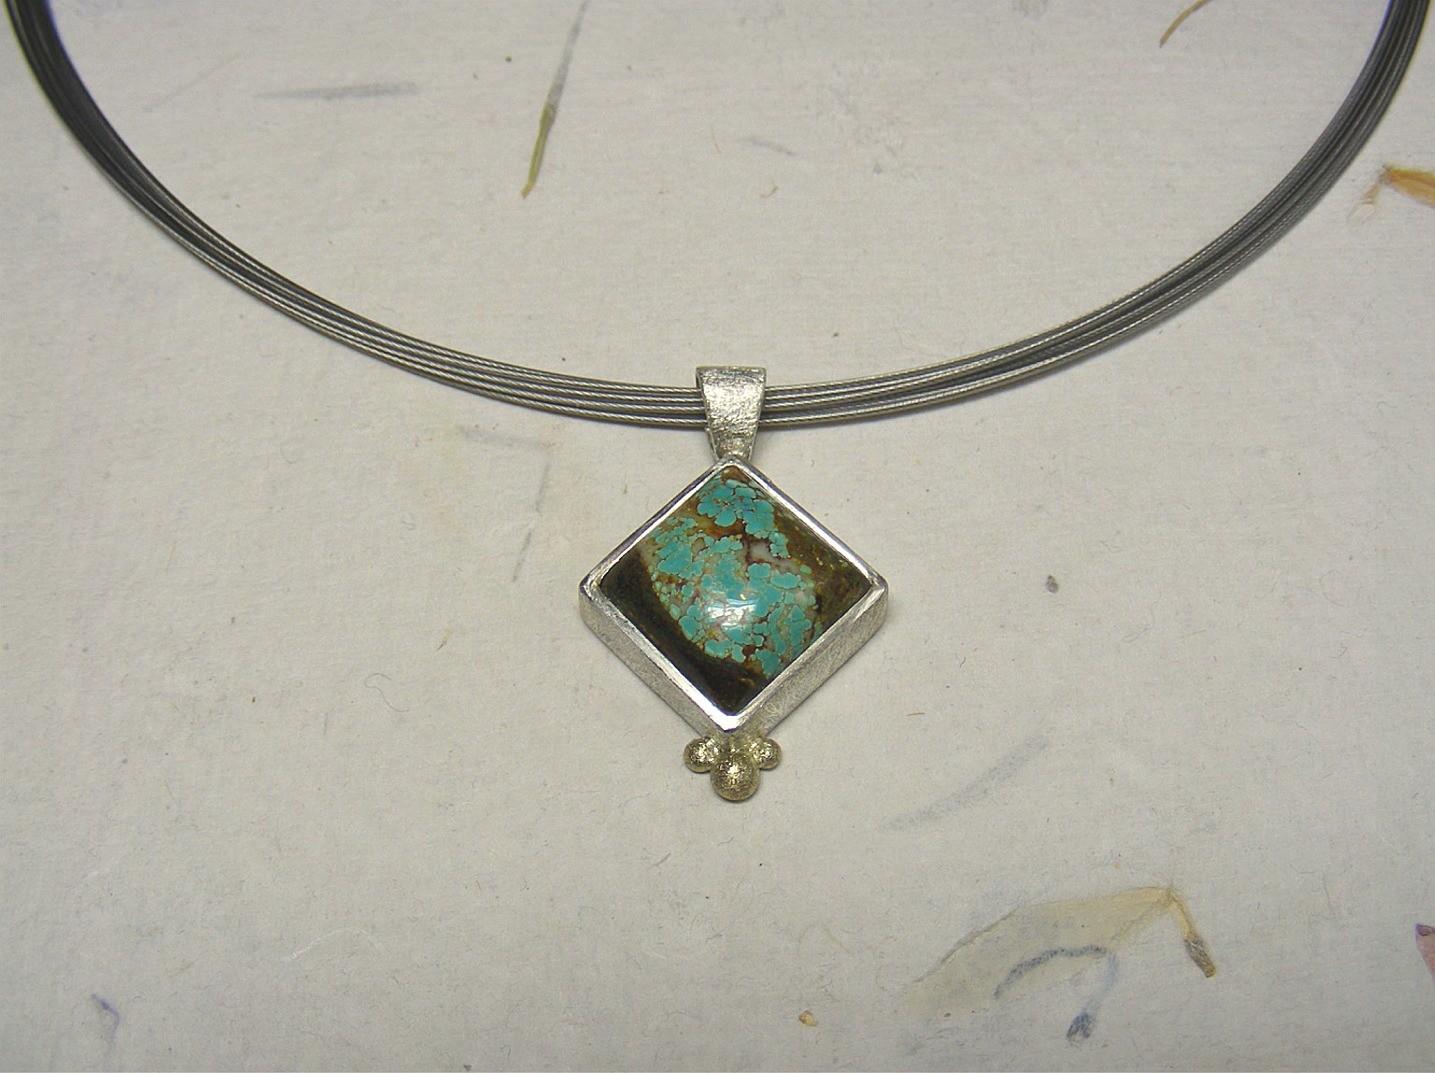 zilver, 14kt geelgoud en turquoise (Tibet) VERKOCHT